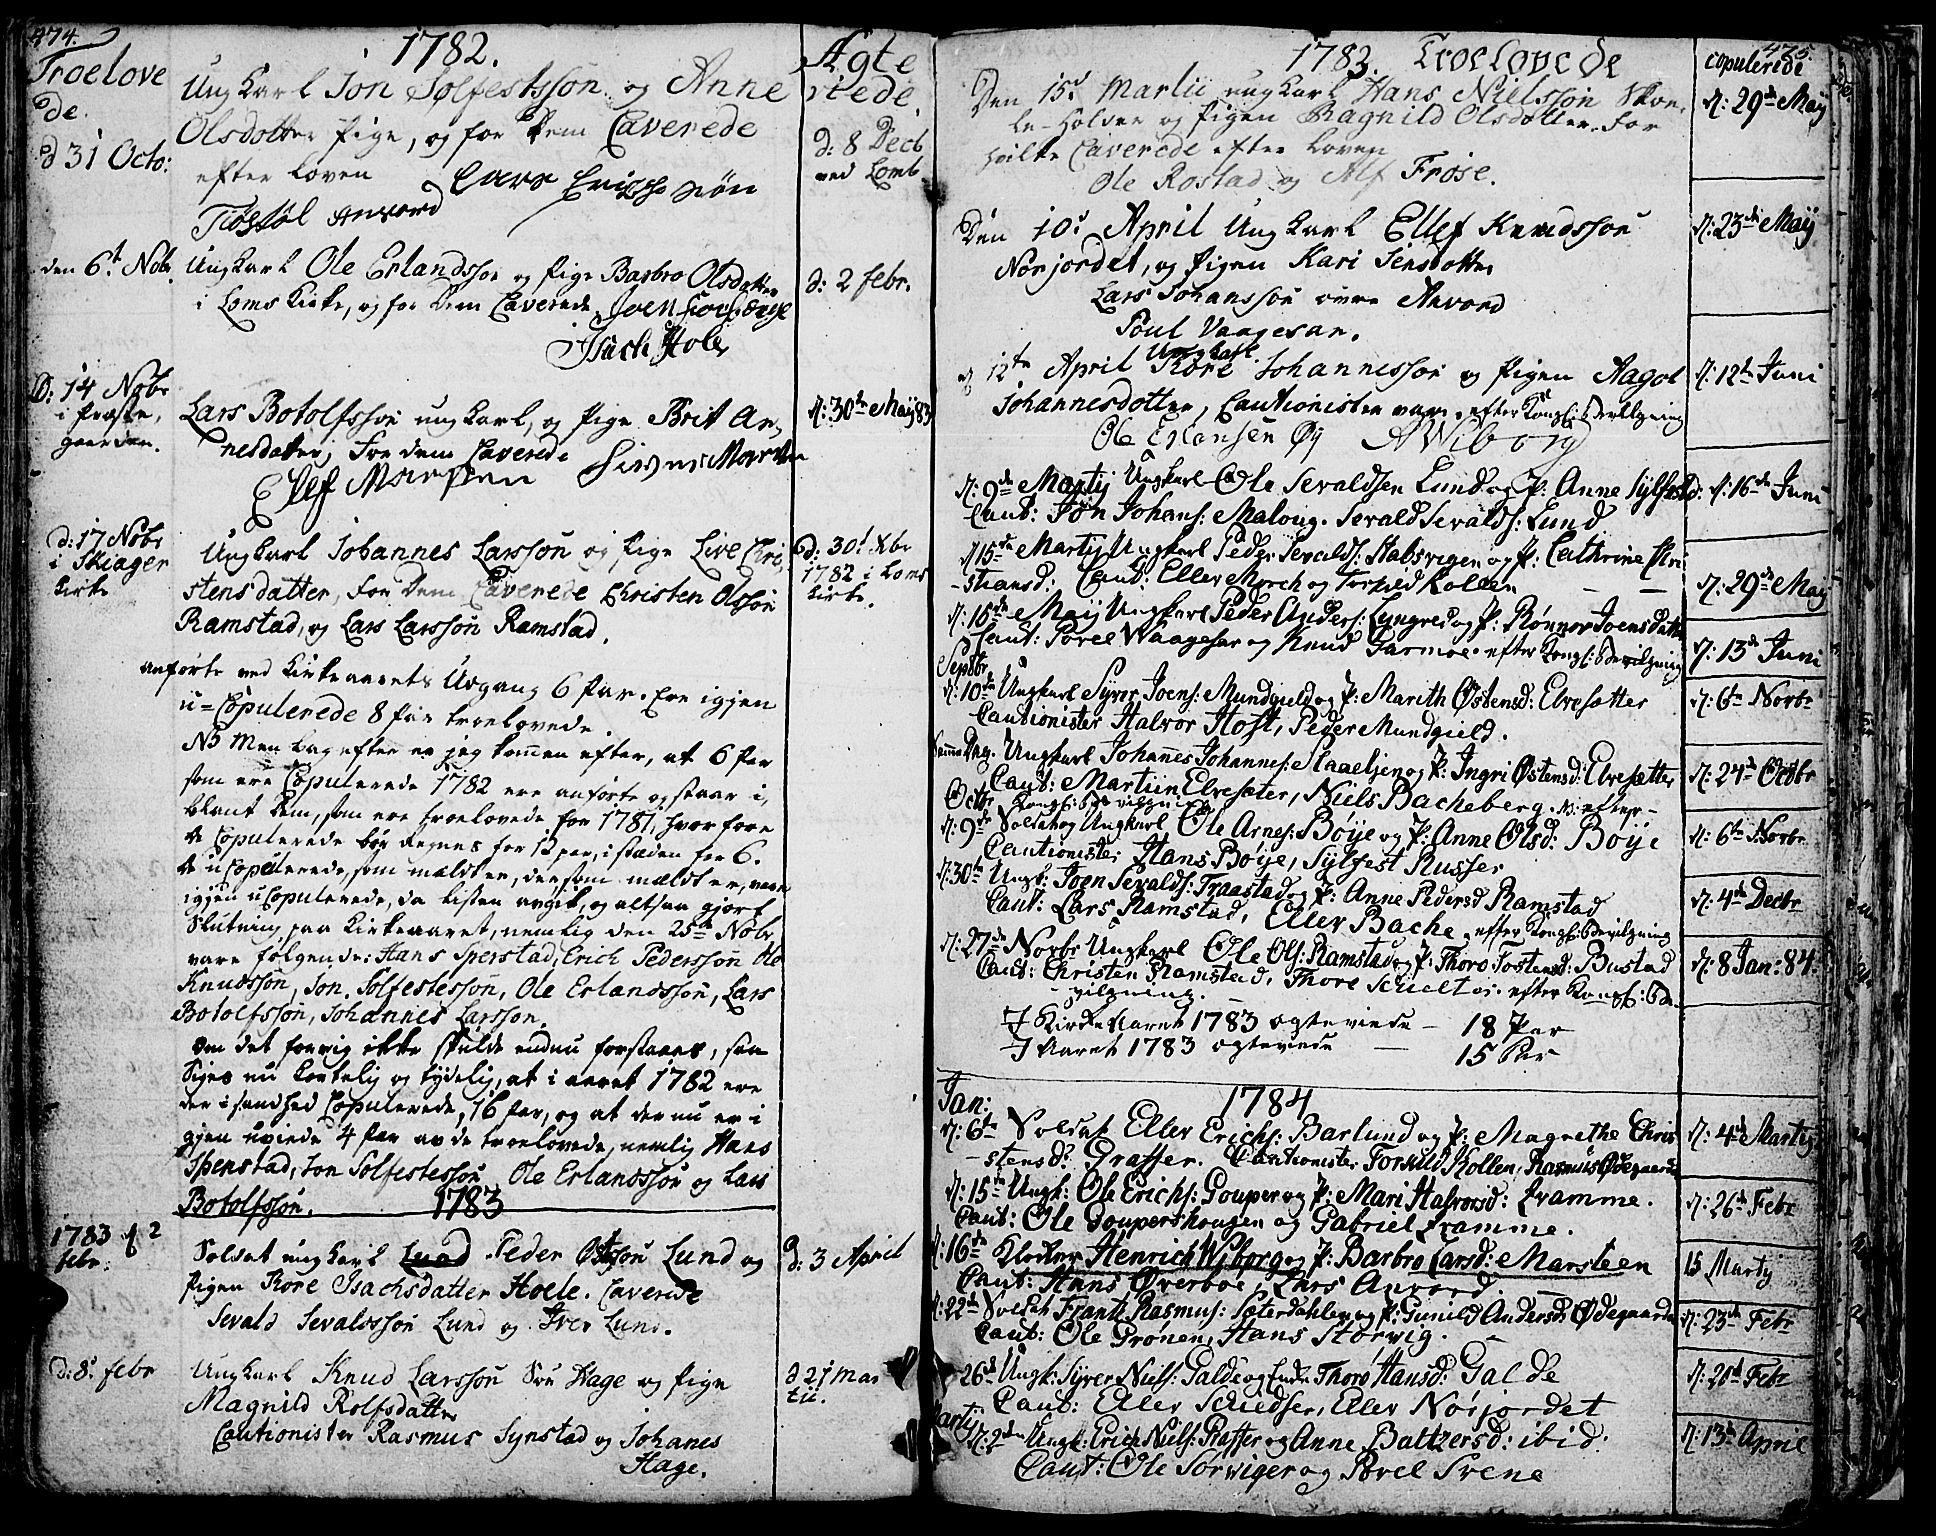 SAH, Lom prestekontor, K/L0002: Ministerialbok nr. 2, 1749-1801, s. 474-475